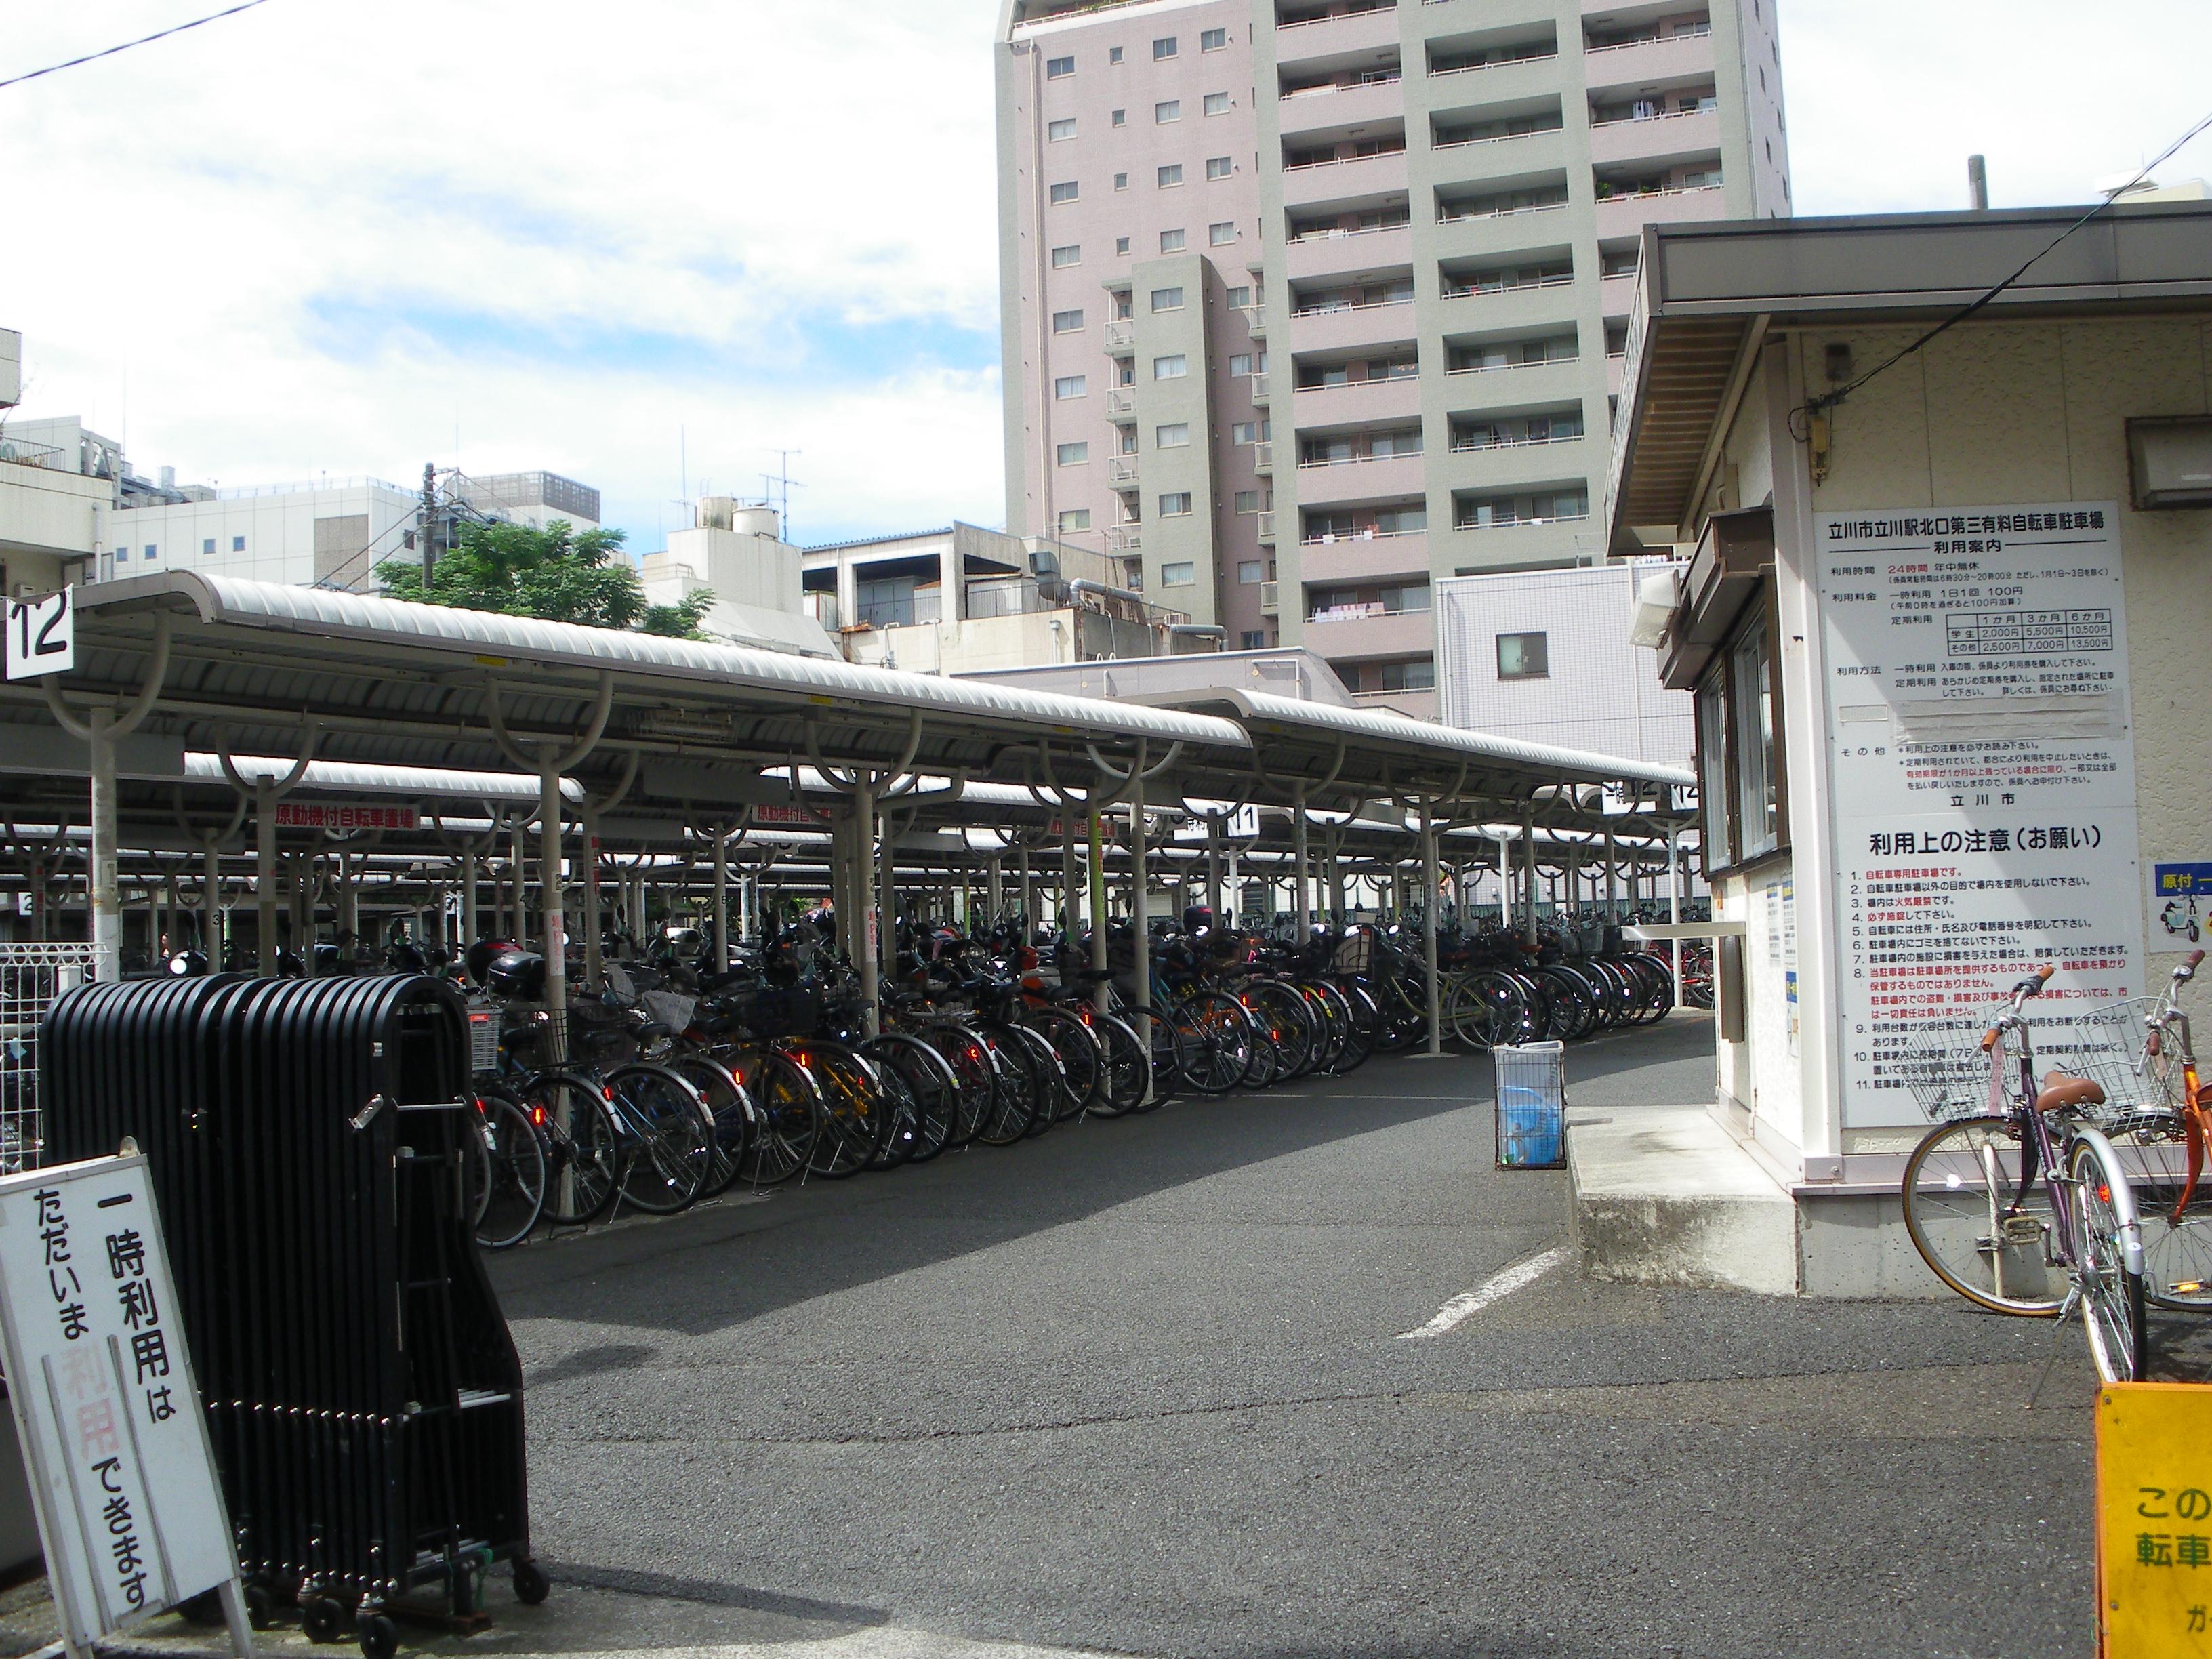 立川駅北口第三有料自転車等駐車場